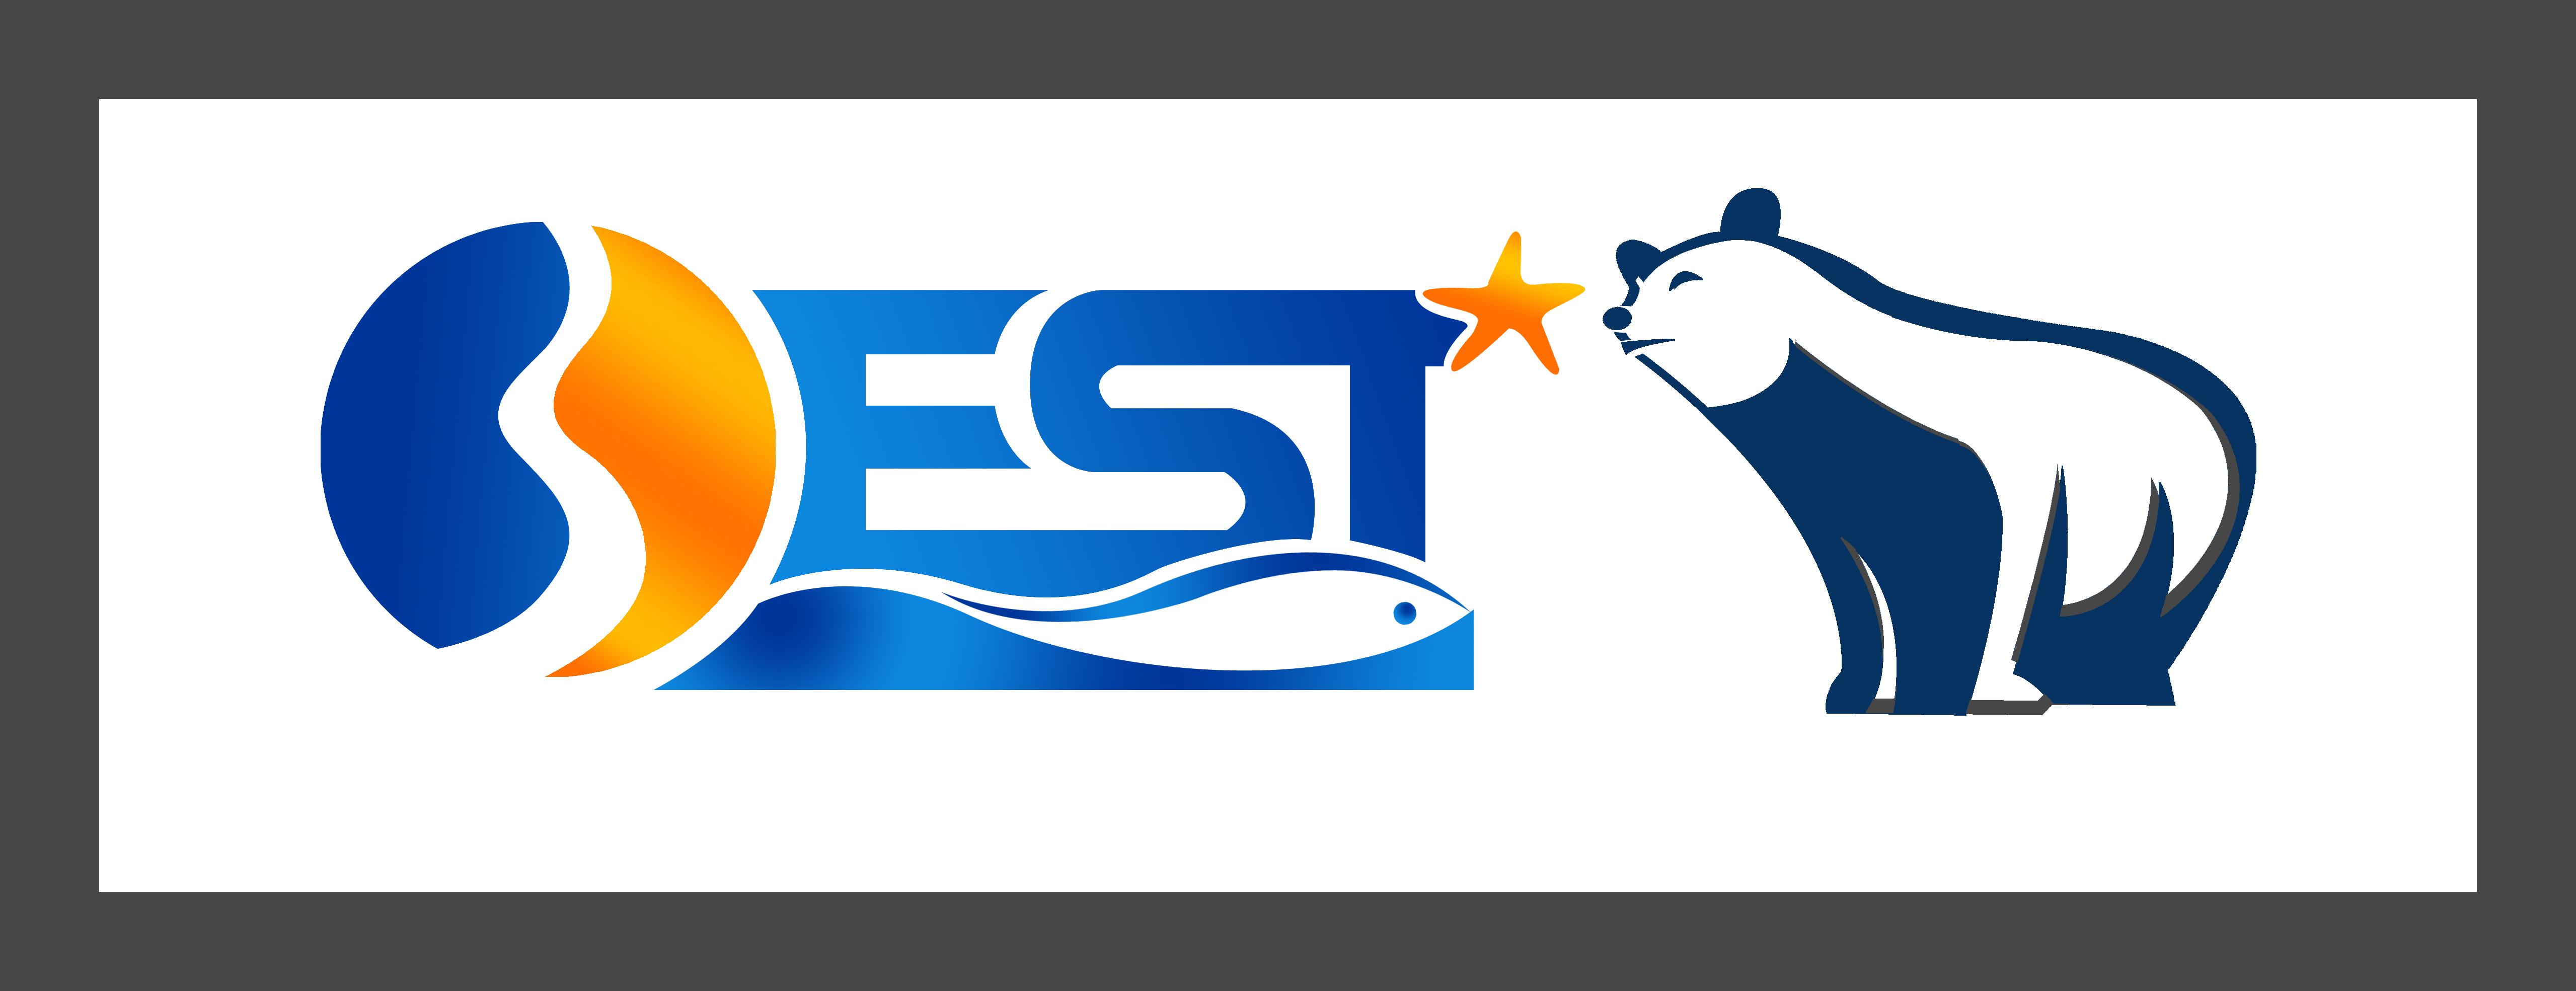 设计网站logo与形象代言物